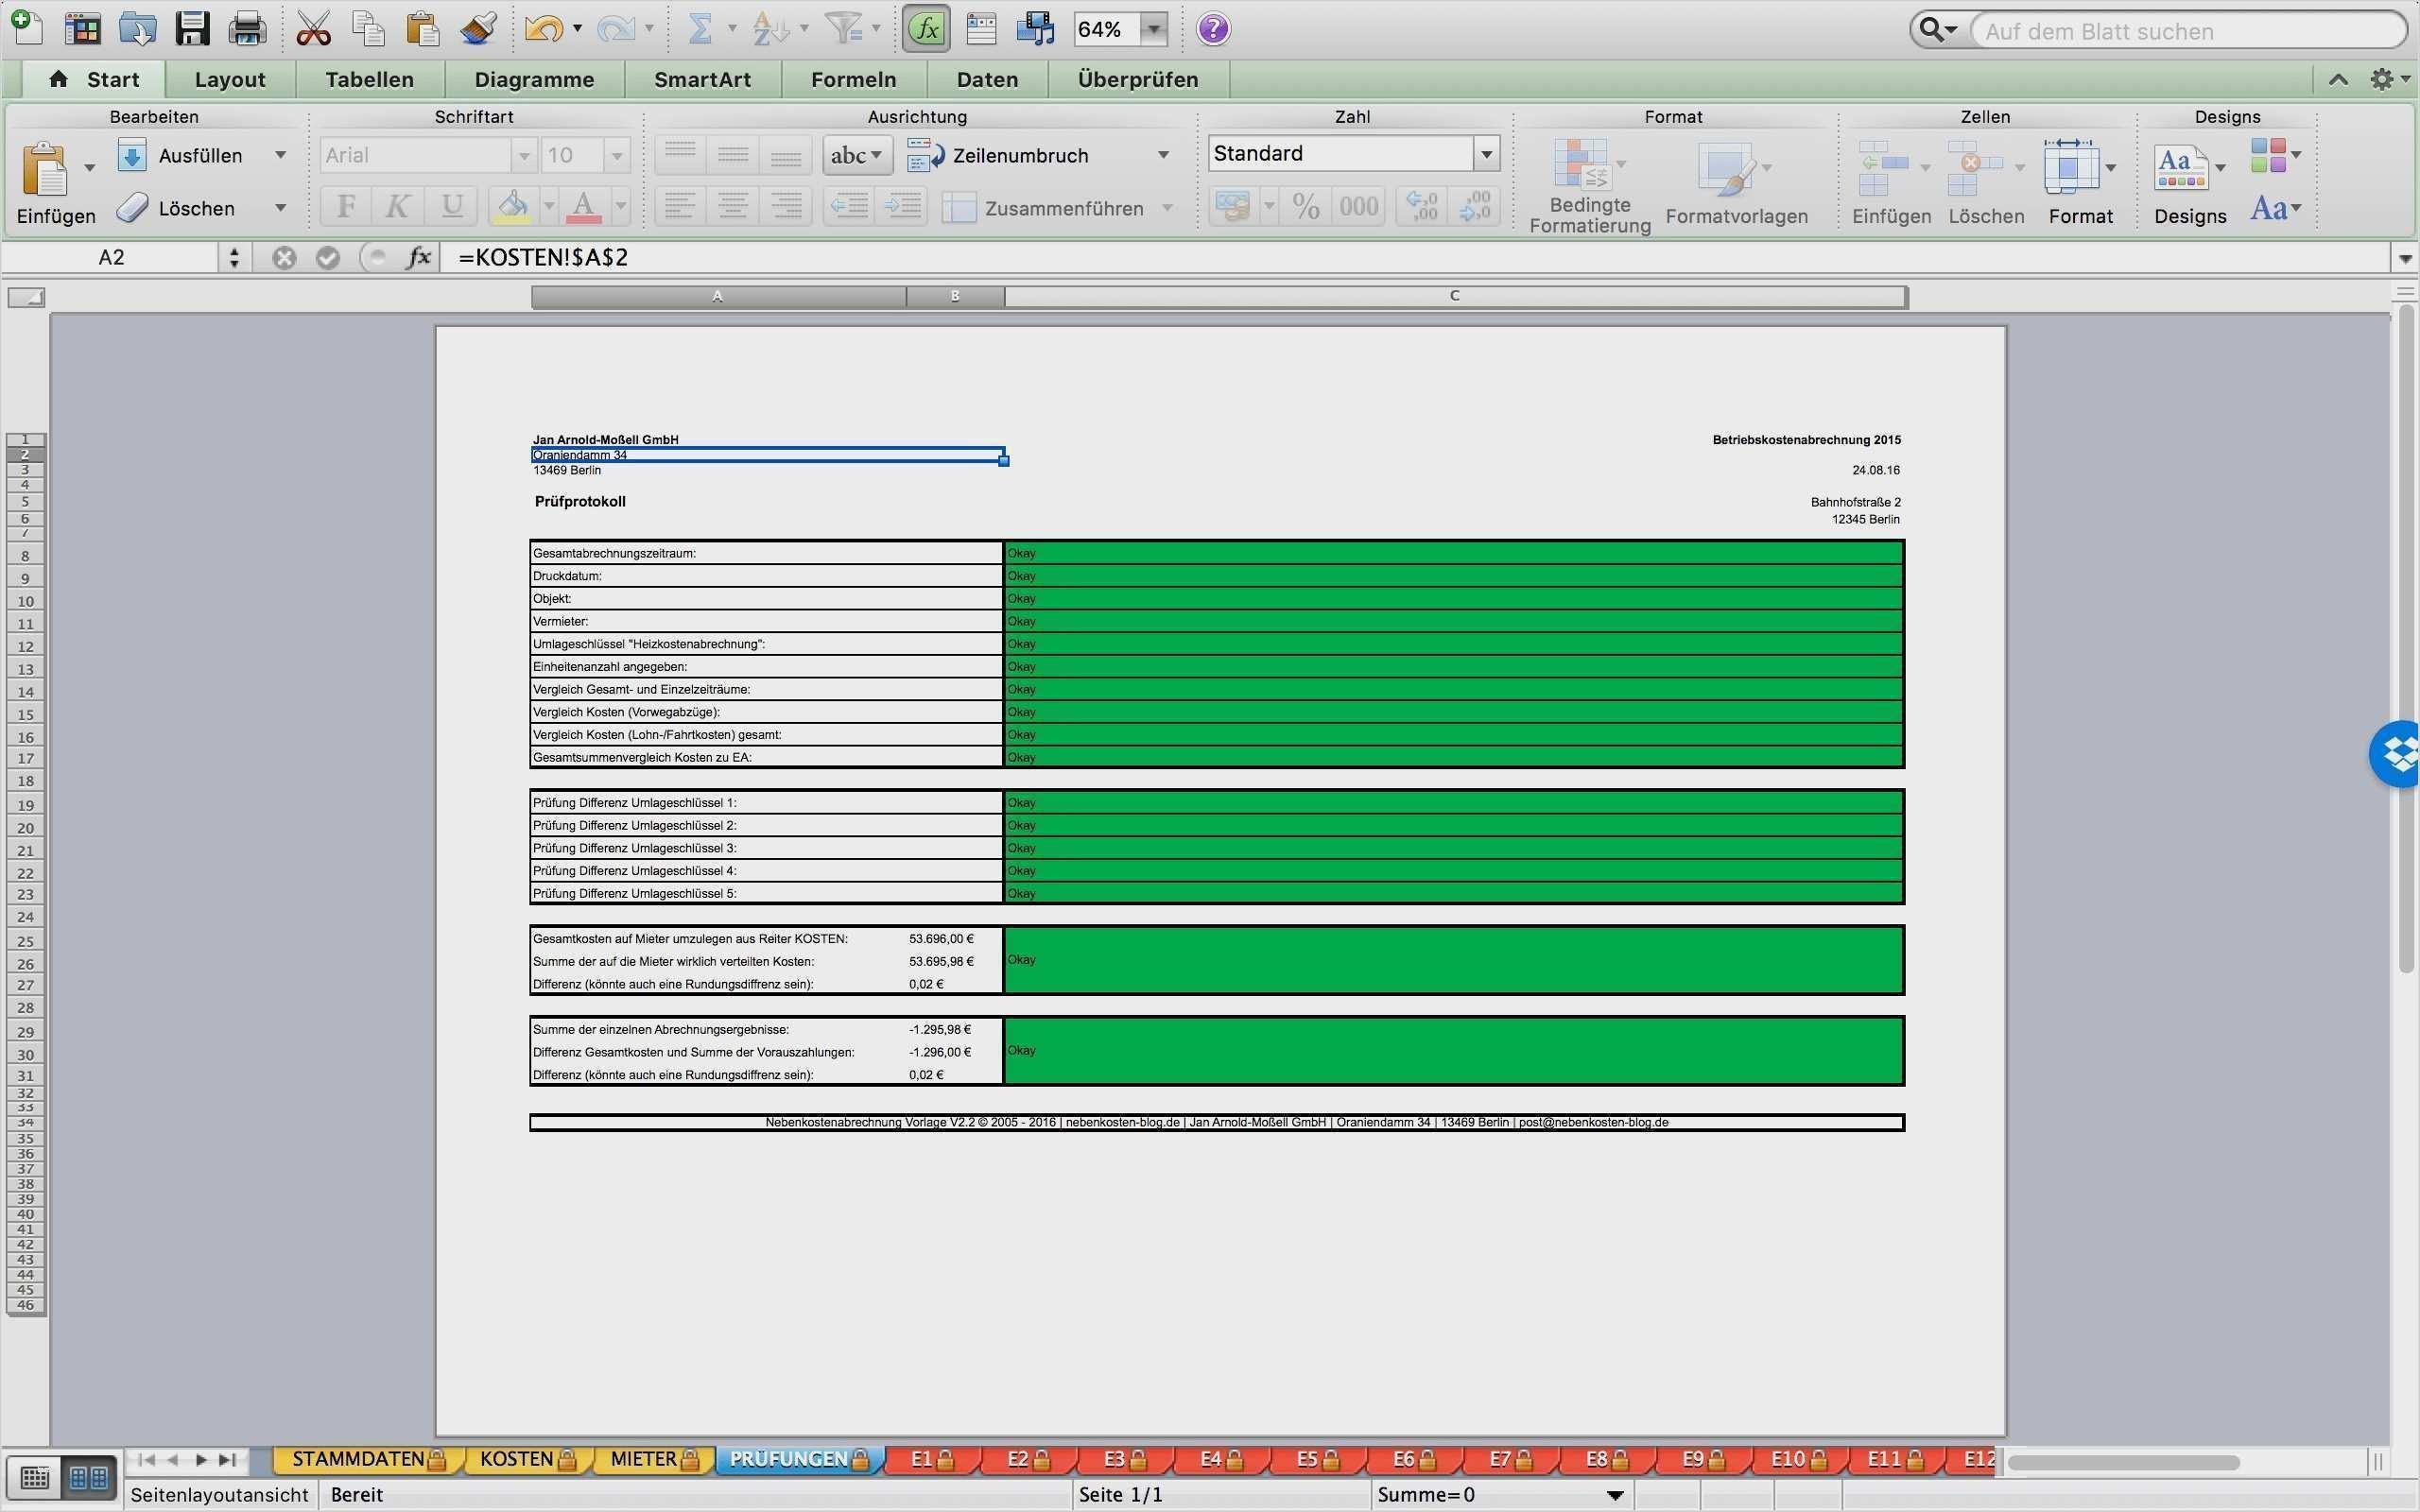 21 Angenehm Betriebskostenabrechnung Vorlage Excel Kostenlos Sie Konnen Anpassen Fur Ihre Wic Vorlagen Betriebskostenabrechnung Tabelle